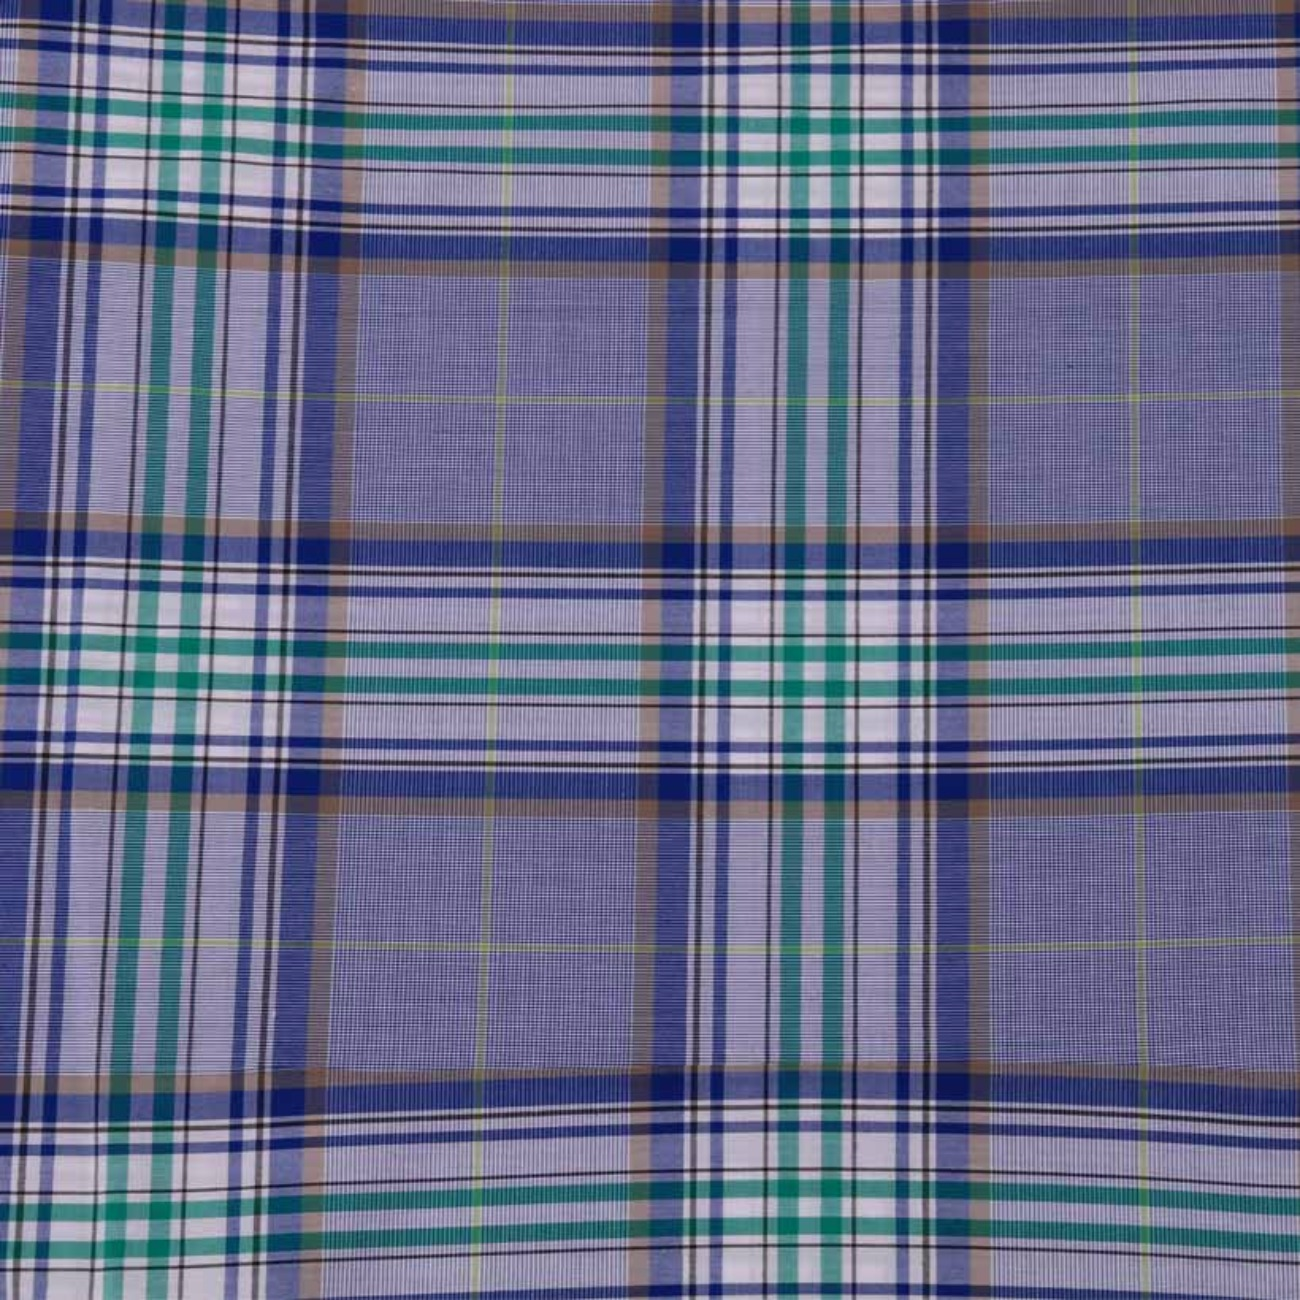 现货格子梭织色织低弹休闲时尚风格 衬衫连衣裙 短裙 棉感 60929-5